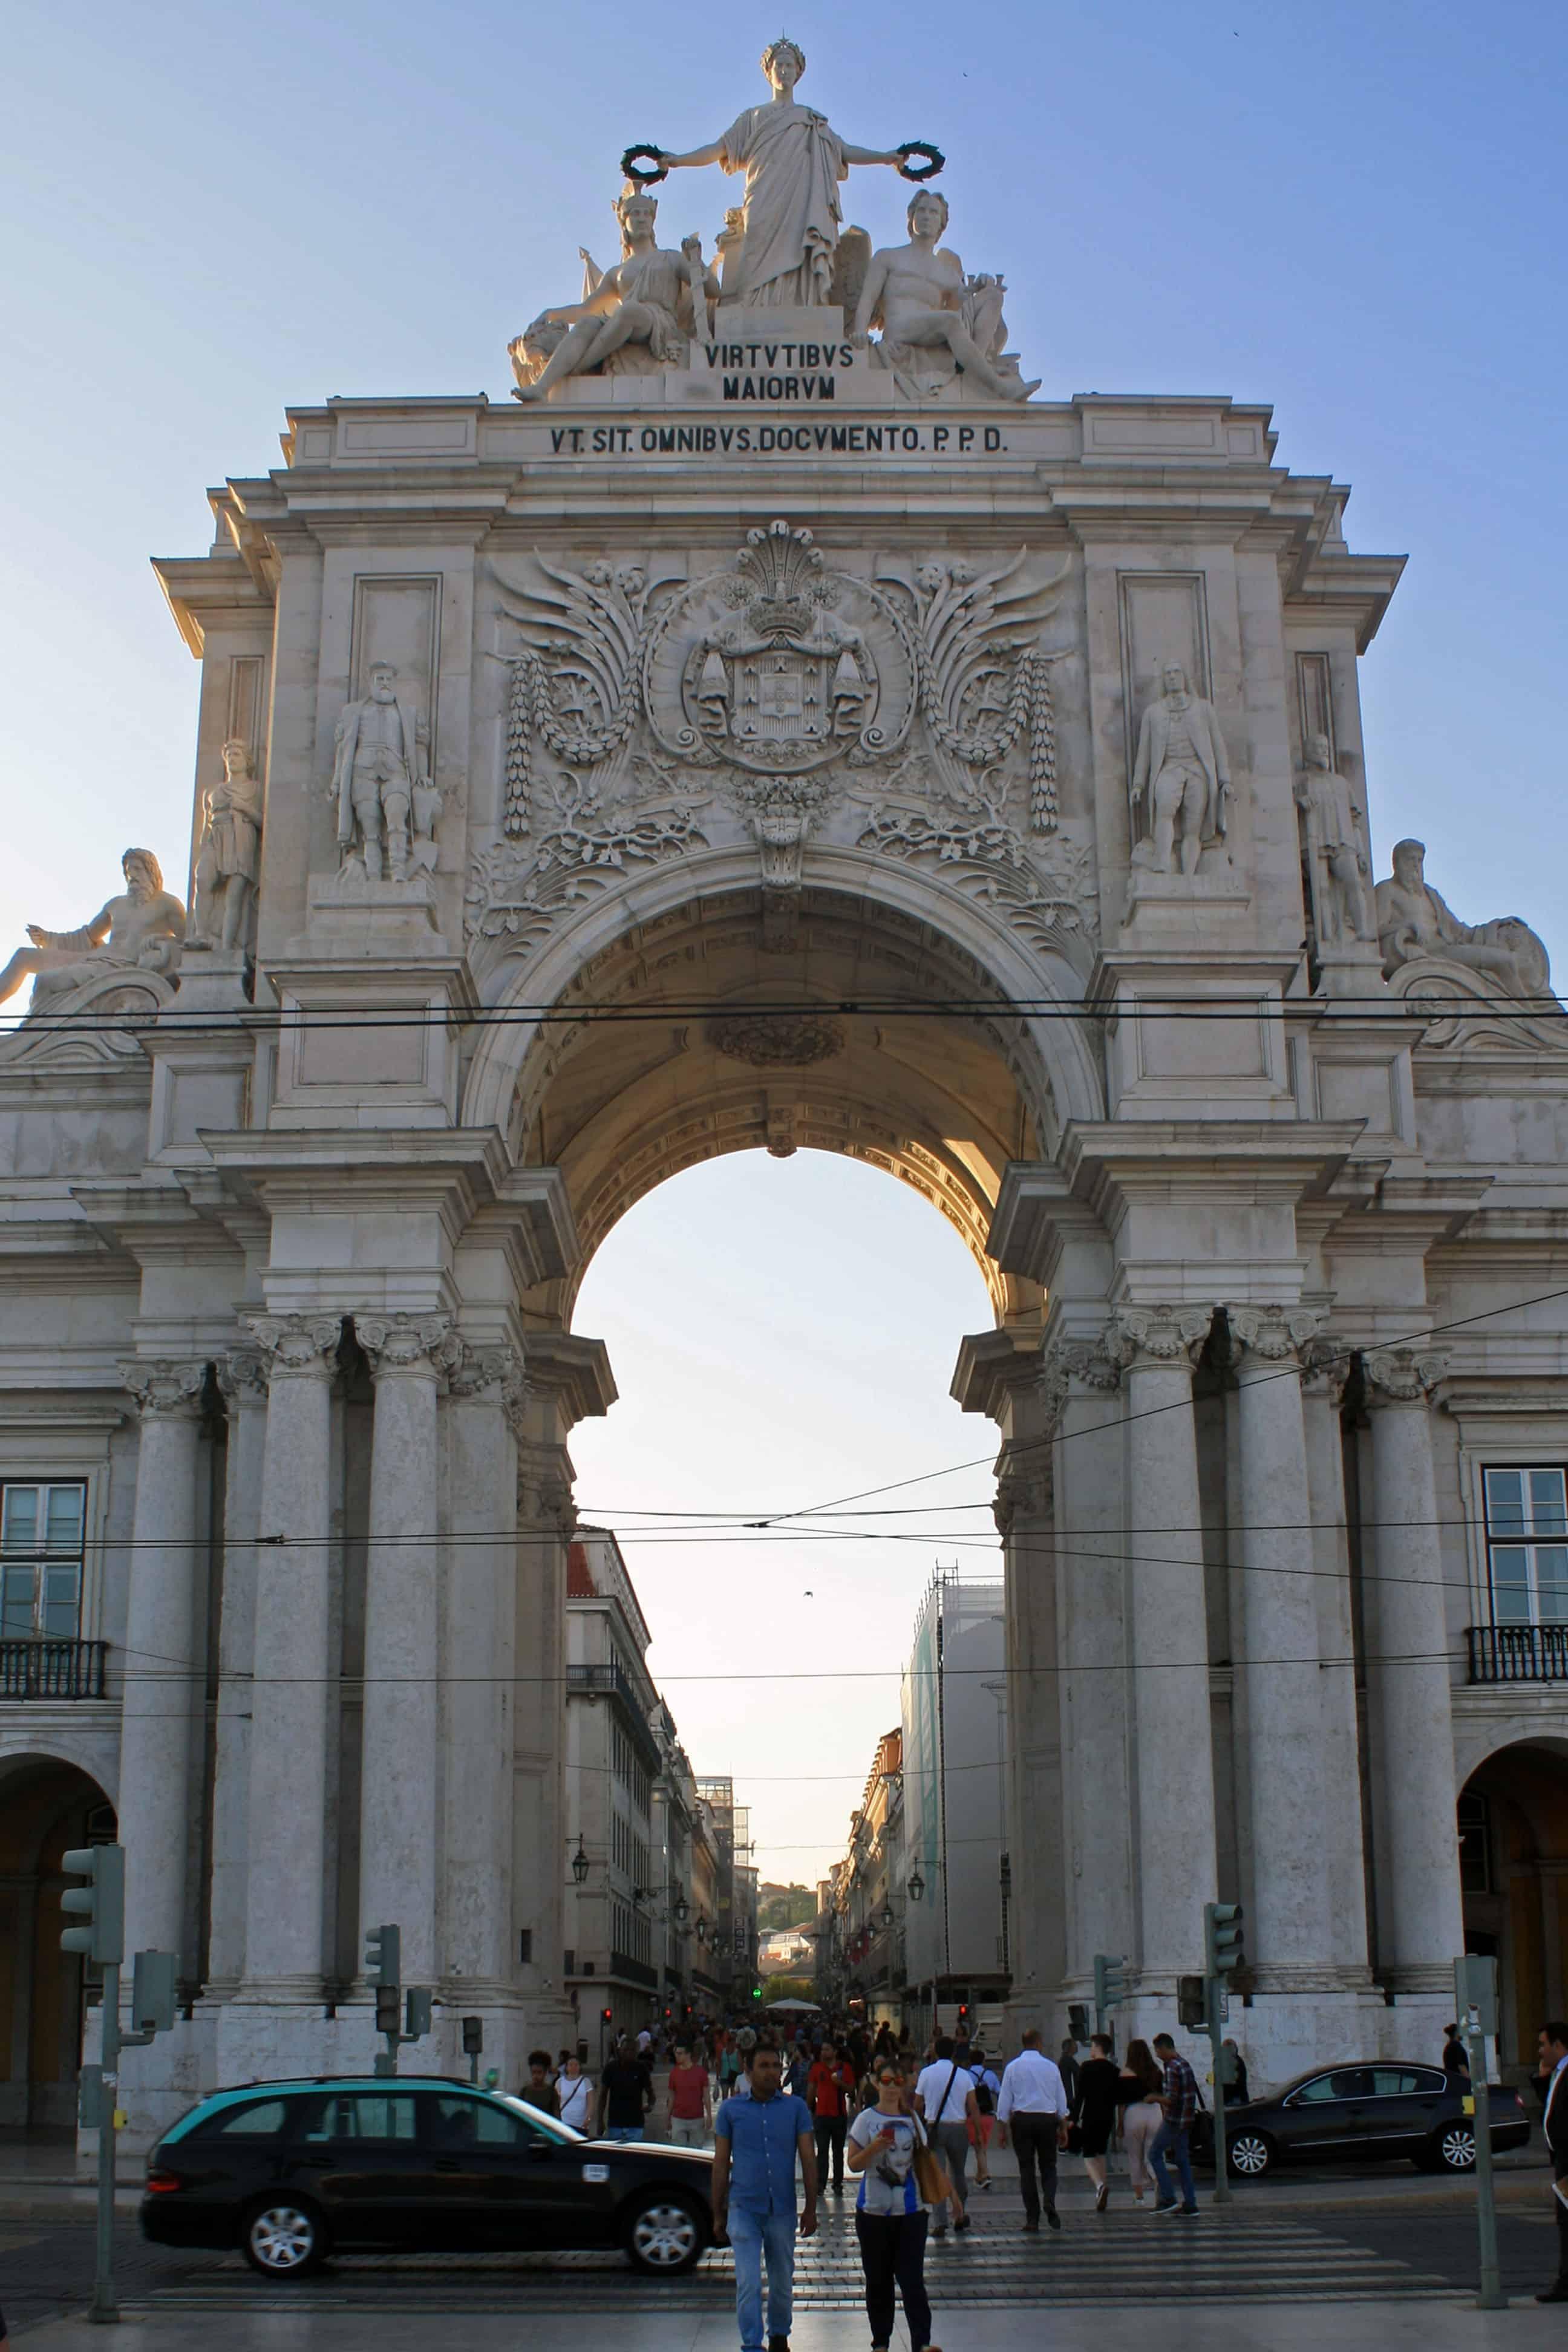 Rua Augusta Arch, Praça do Comércio, Lisbon